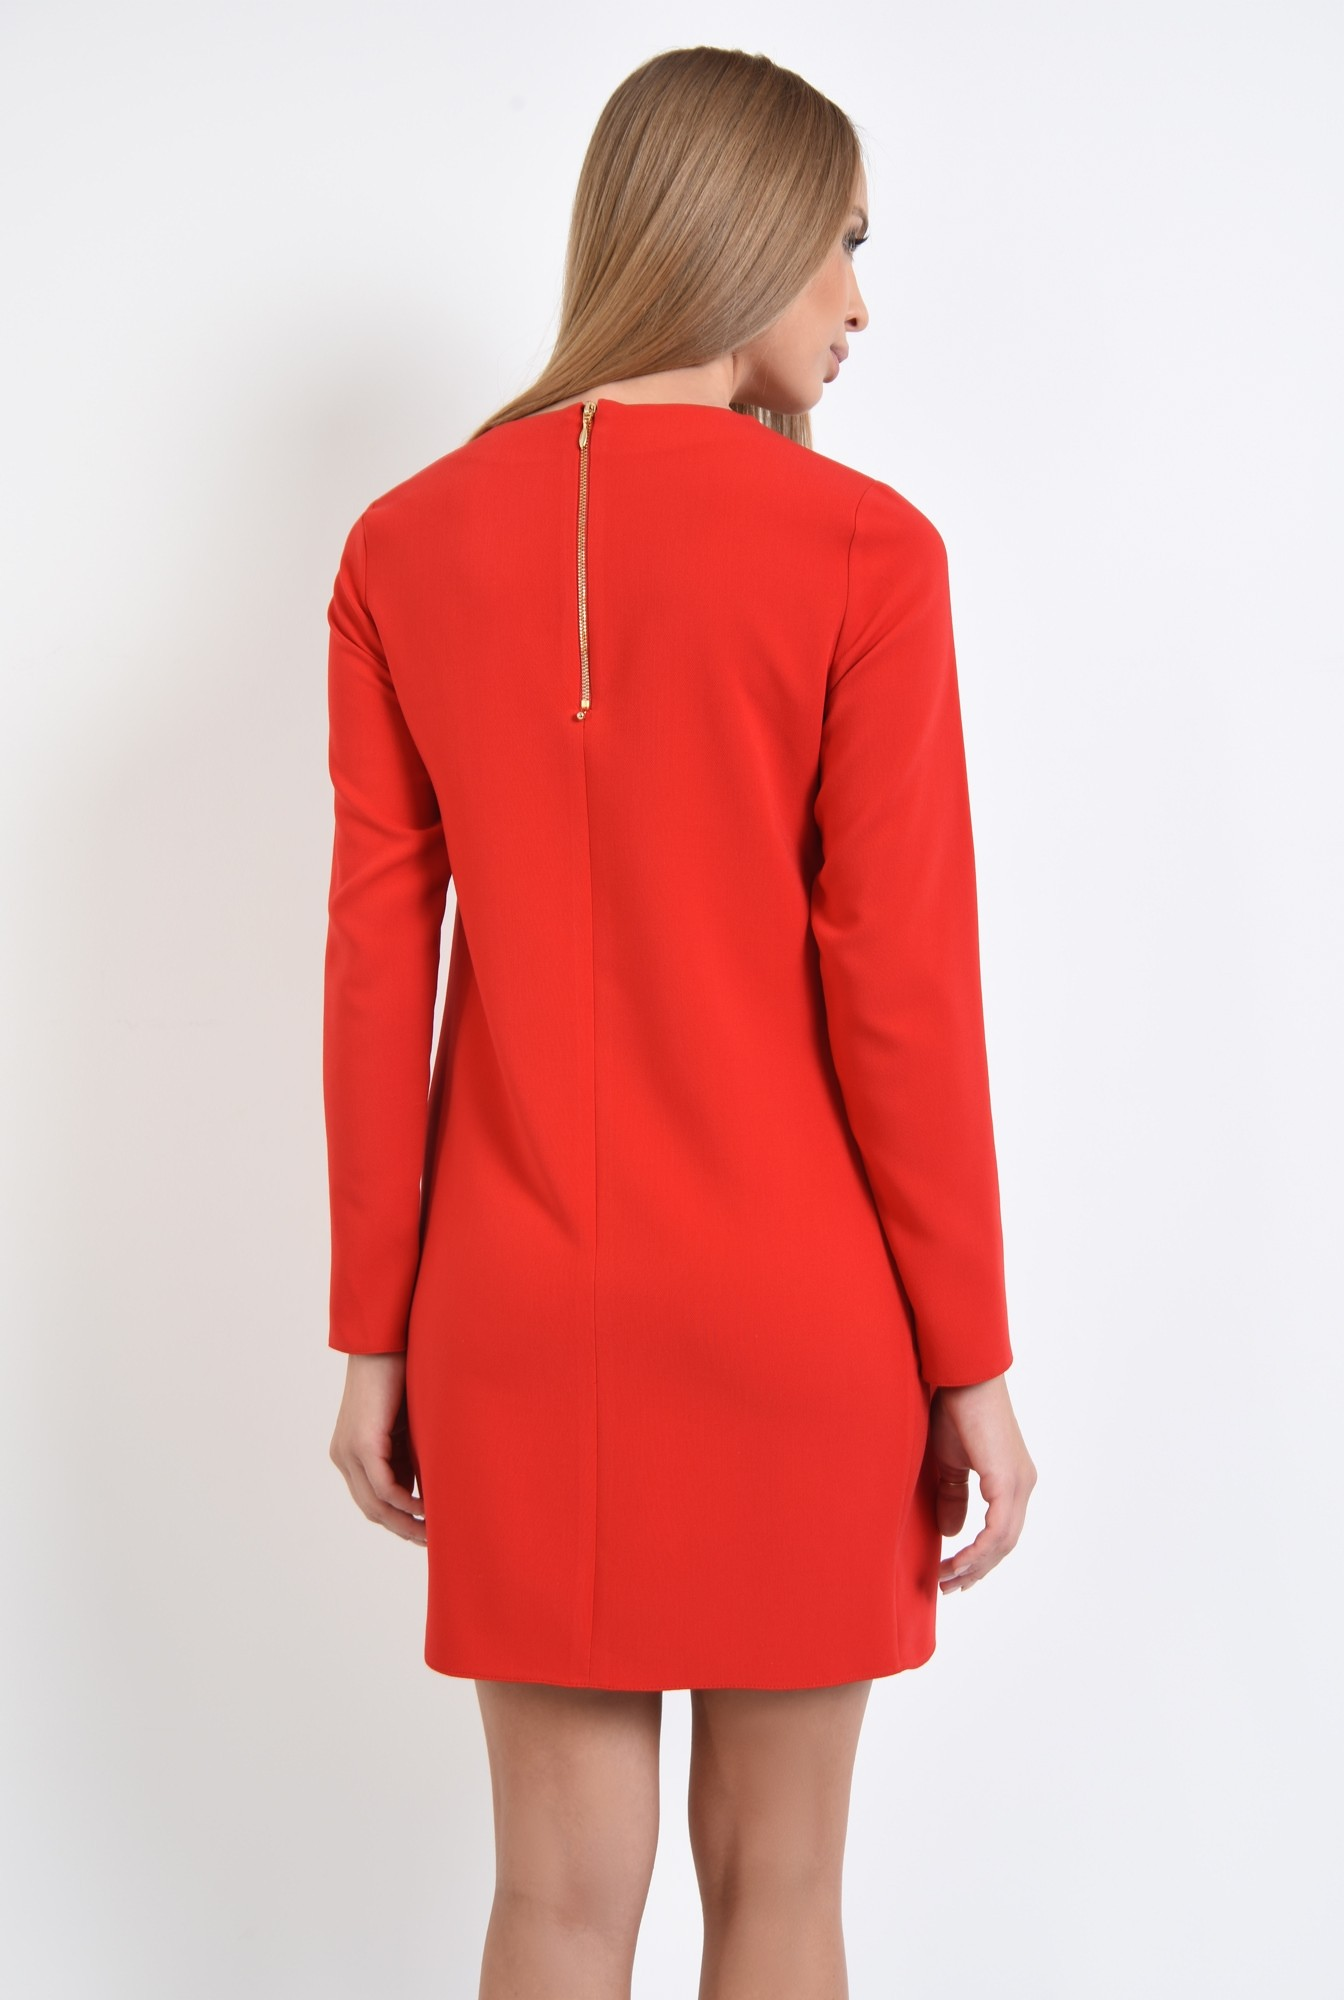 1 - rochie casual, mini, rosu, maneci lungi, decolteu rotund, pliuri